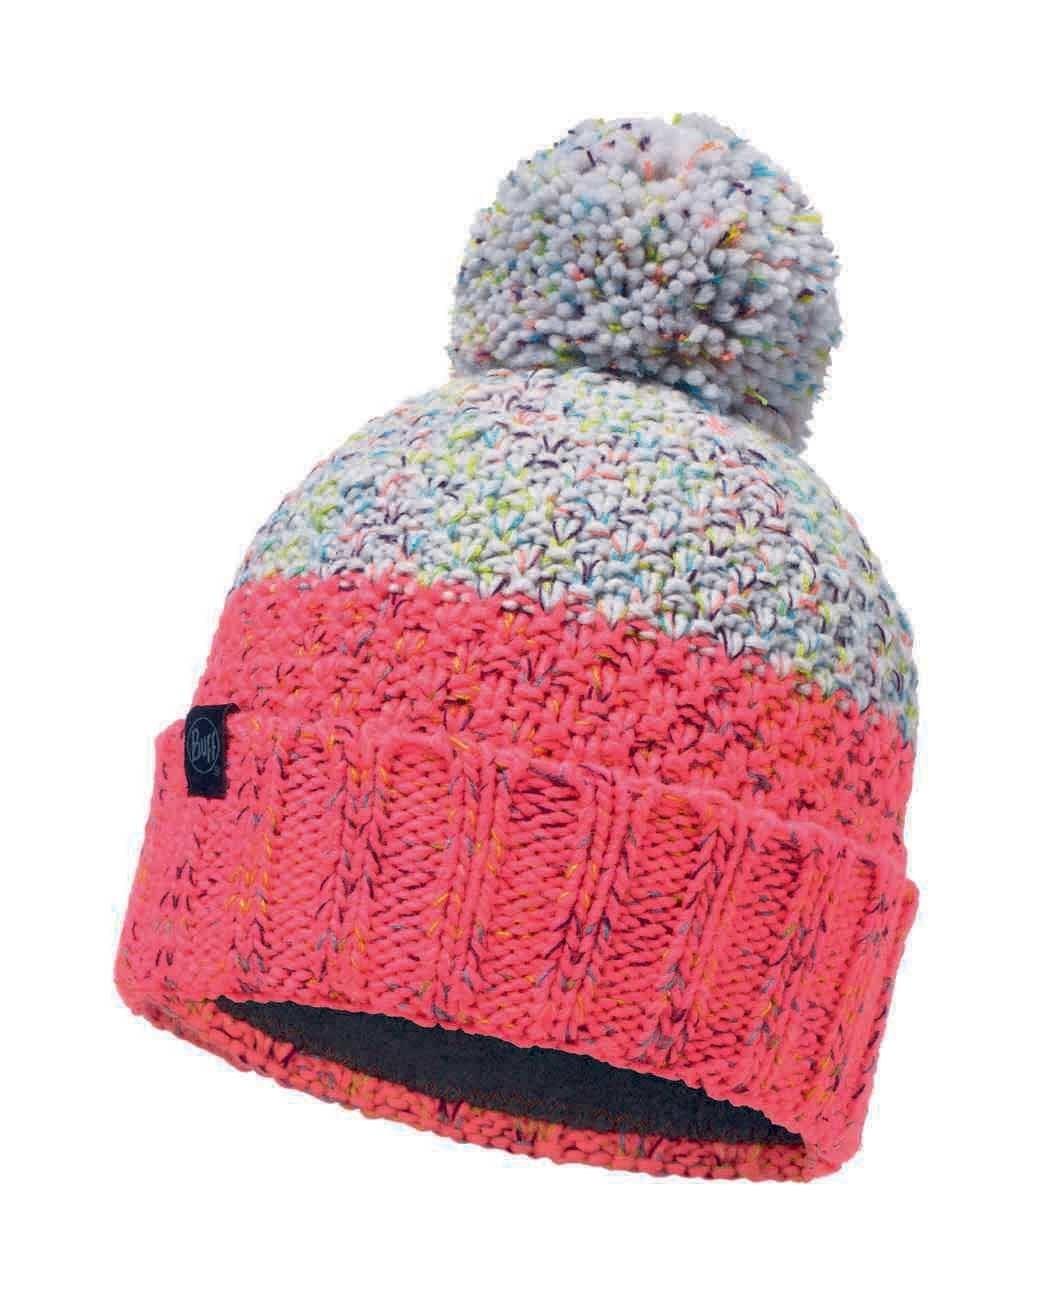 Шапки с помпоном Вязаная шапка с флисовой подкладкой Buff Hat Knitted Polar Janna Cloud 117851.003.10.00.jpg